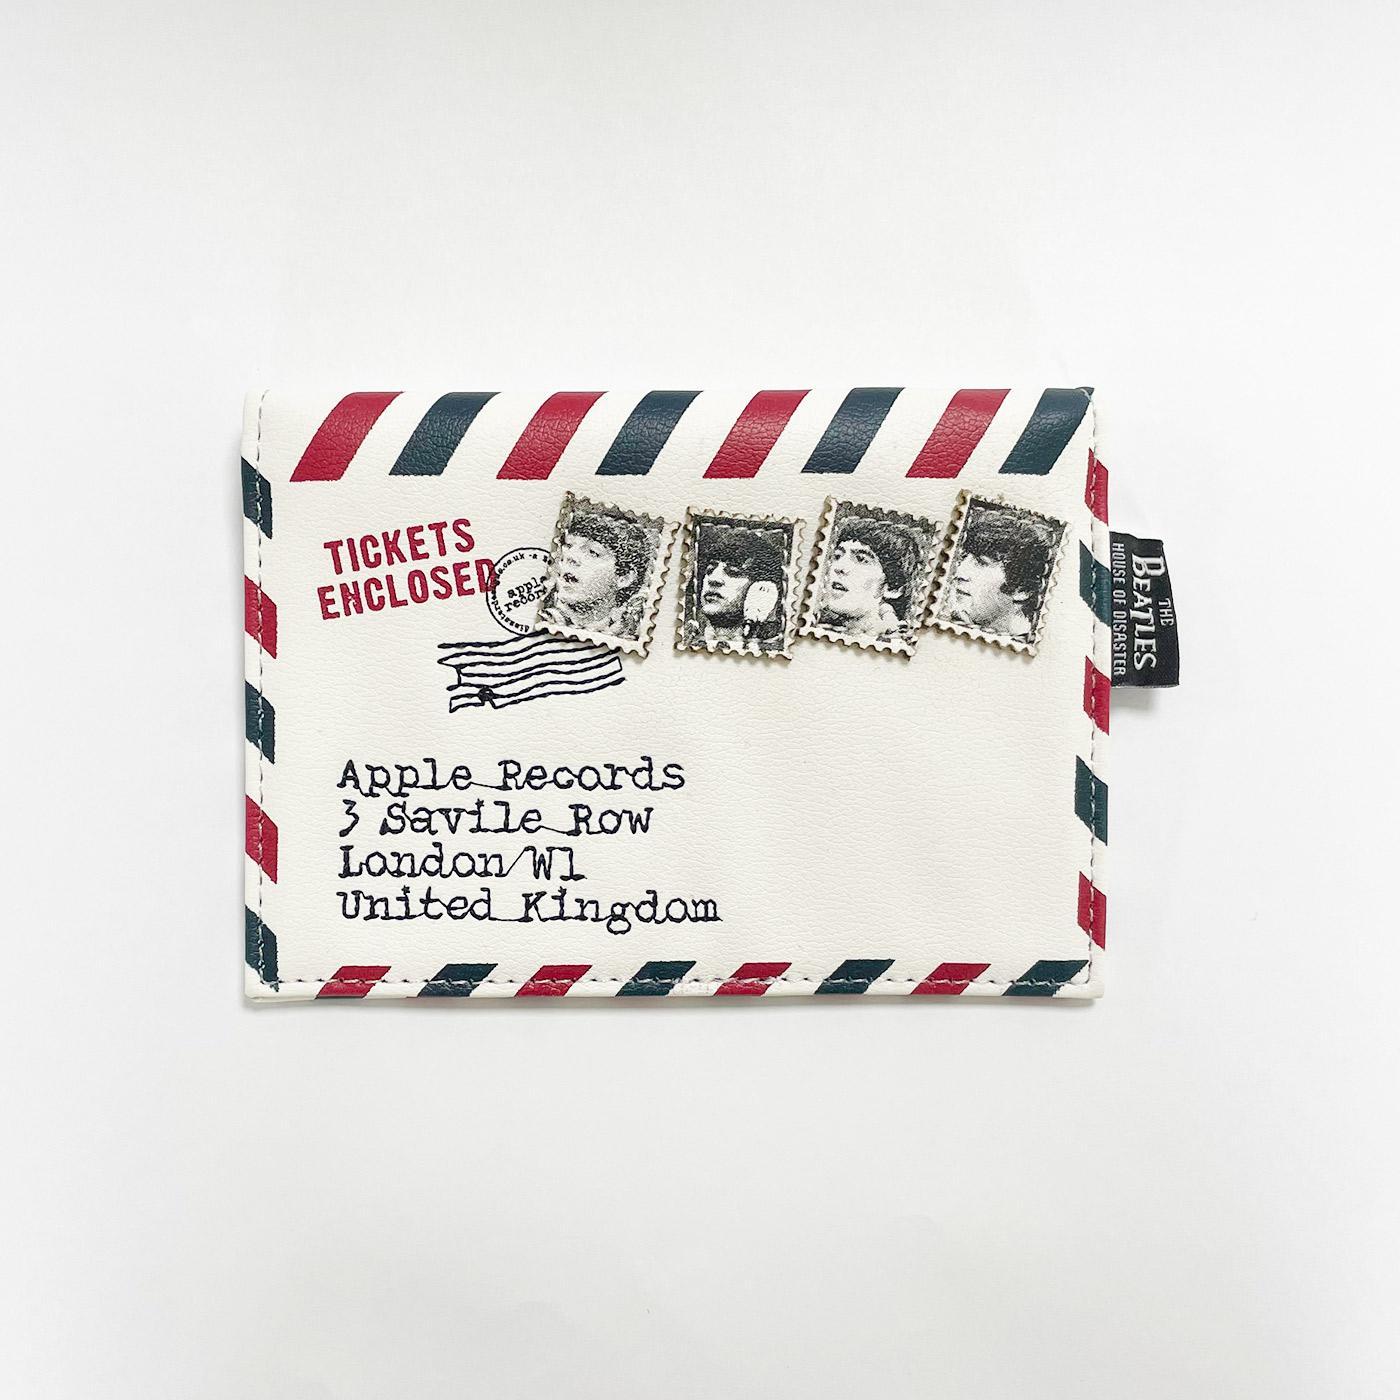 Beatles Ticket To Ride Envelope Retro Purse Wallet